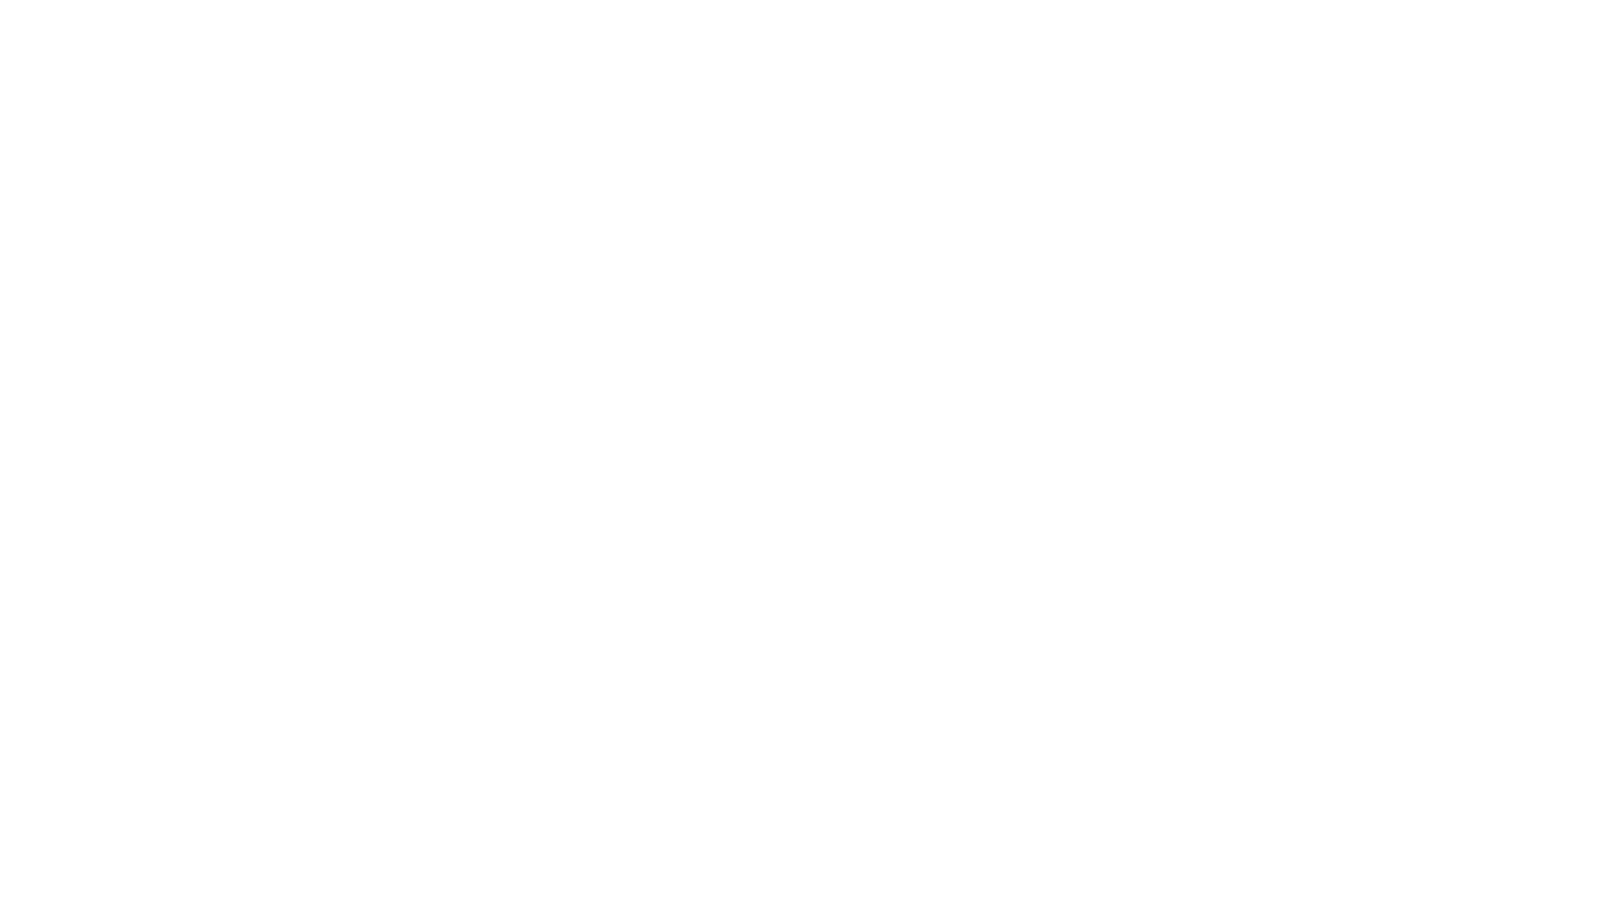 A jurista Sónia Lobato, de 41 anos, assumiu, na última quarta-feira, dia 13, a presidência da União Distrital das Instituições Particulares de Solidariedade Social de Santarém (UDIPSS), numa cerimónia que decorreu no Teatro Sá da Bandeira, em Santarém.  As eleições decorreram no dia 9, no auditório Vaz Portugal da Estação Zootécnica Nacional no Vale de Santarém, havendo apenas uma lista candidata. Dos 30 votantes, houve 28 votos válidos, um nulo e um em branco.  Sónia Lobato é, actualmente, presidente da direcção do LENE – Lar Evangélico Nova Esperança, situado em Alcanhões, e conta com uma longa experiência no sector social.